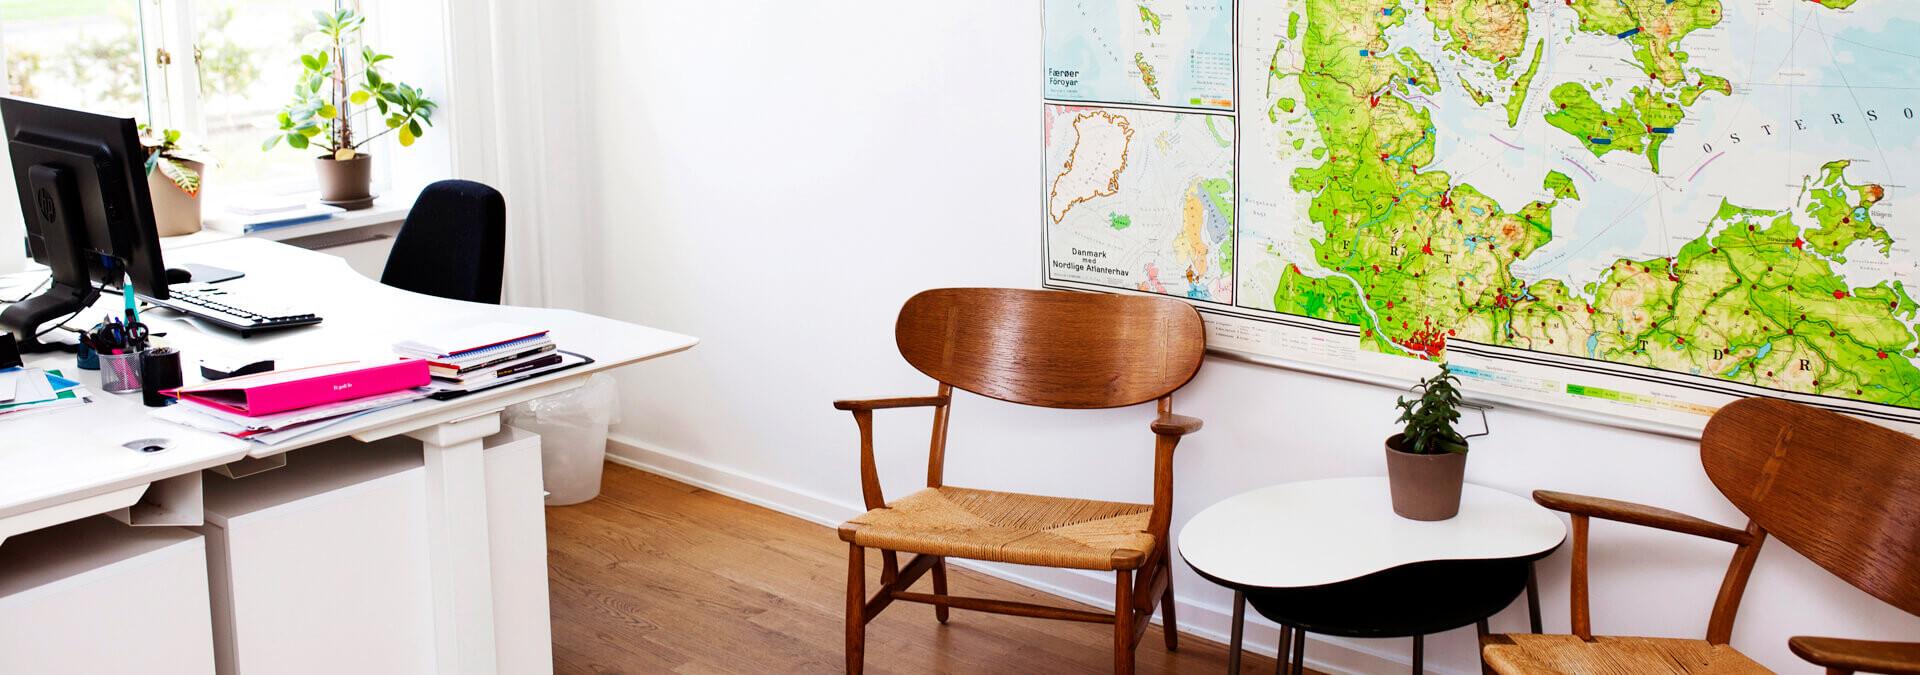 Kontor på krisecenter med skrivebord, stole og et landkort